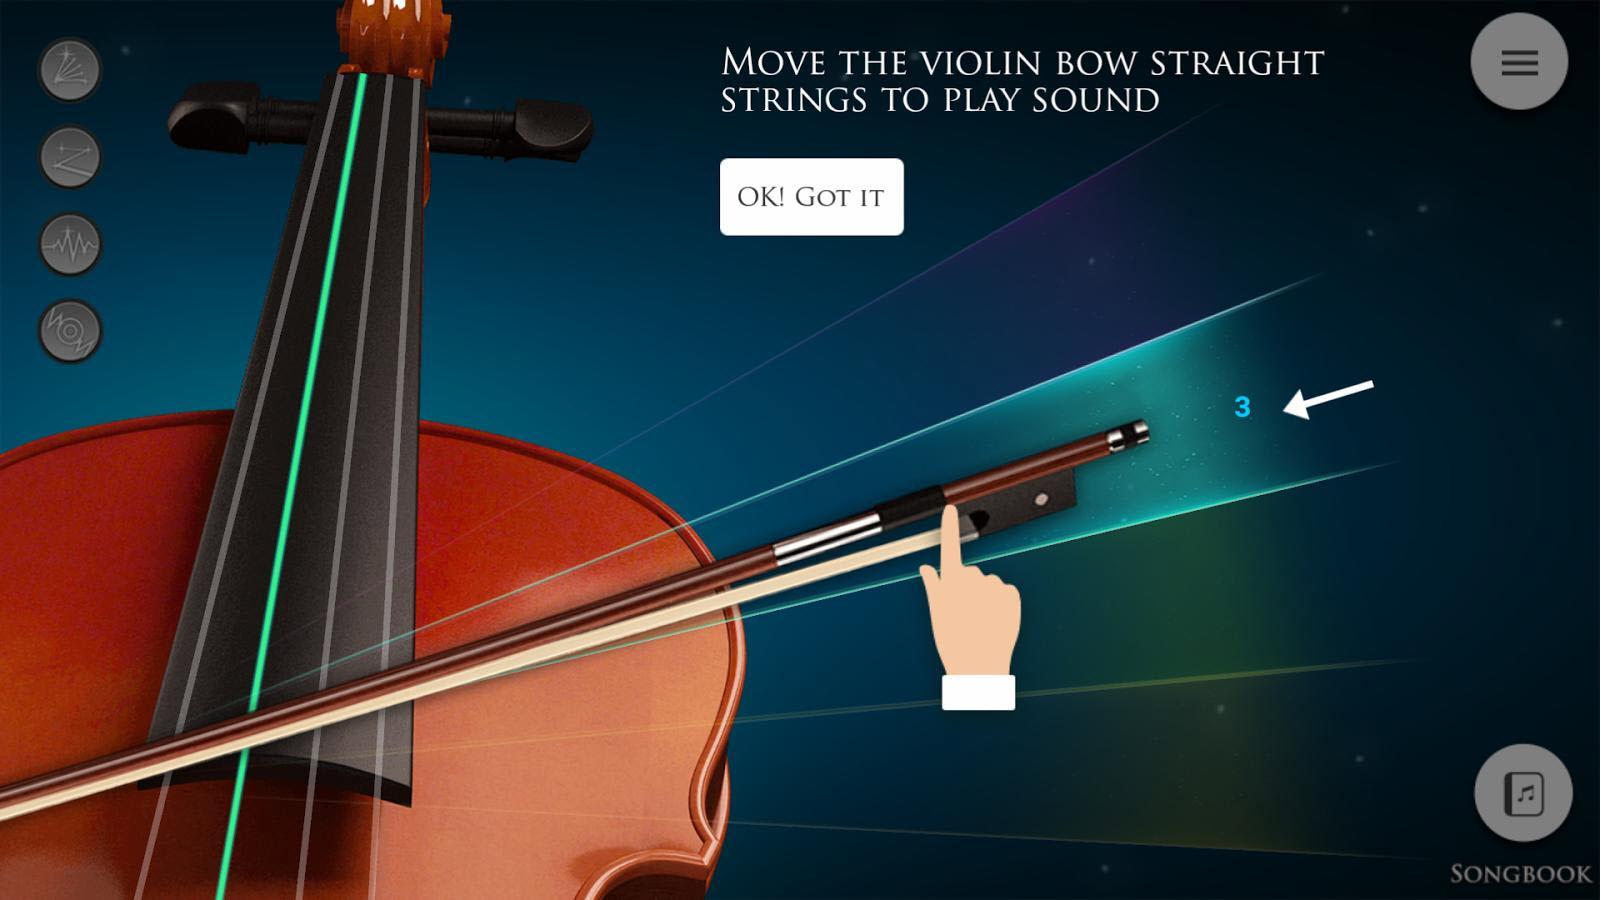 魔术小提琴好玩吗 魔术小提琴玩法简介